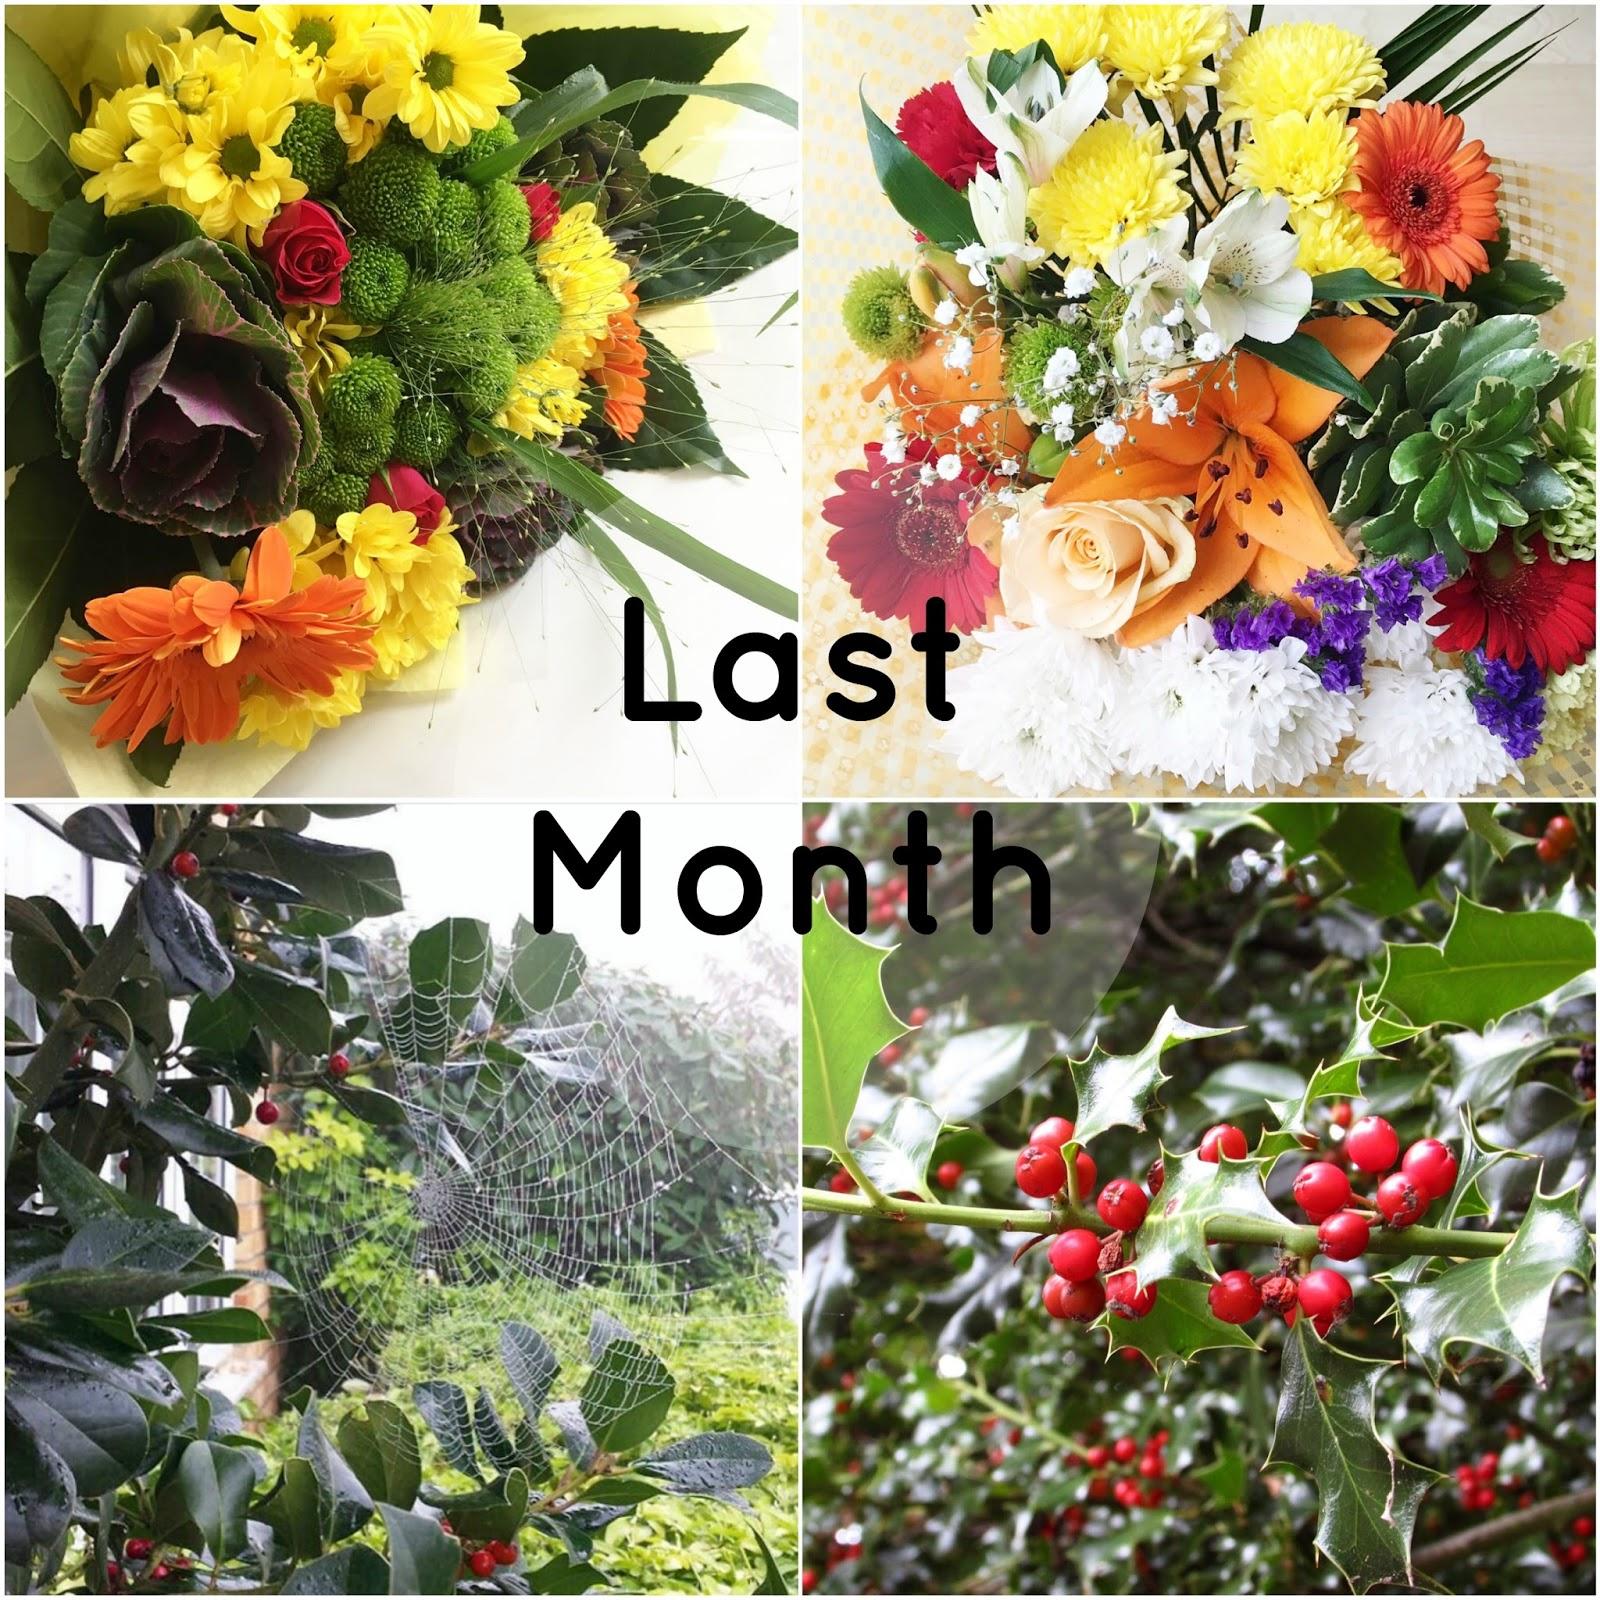 Last month - September 2016